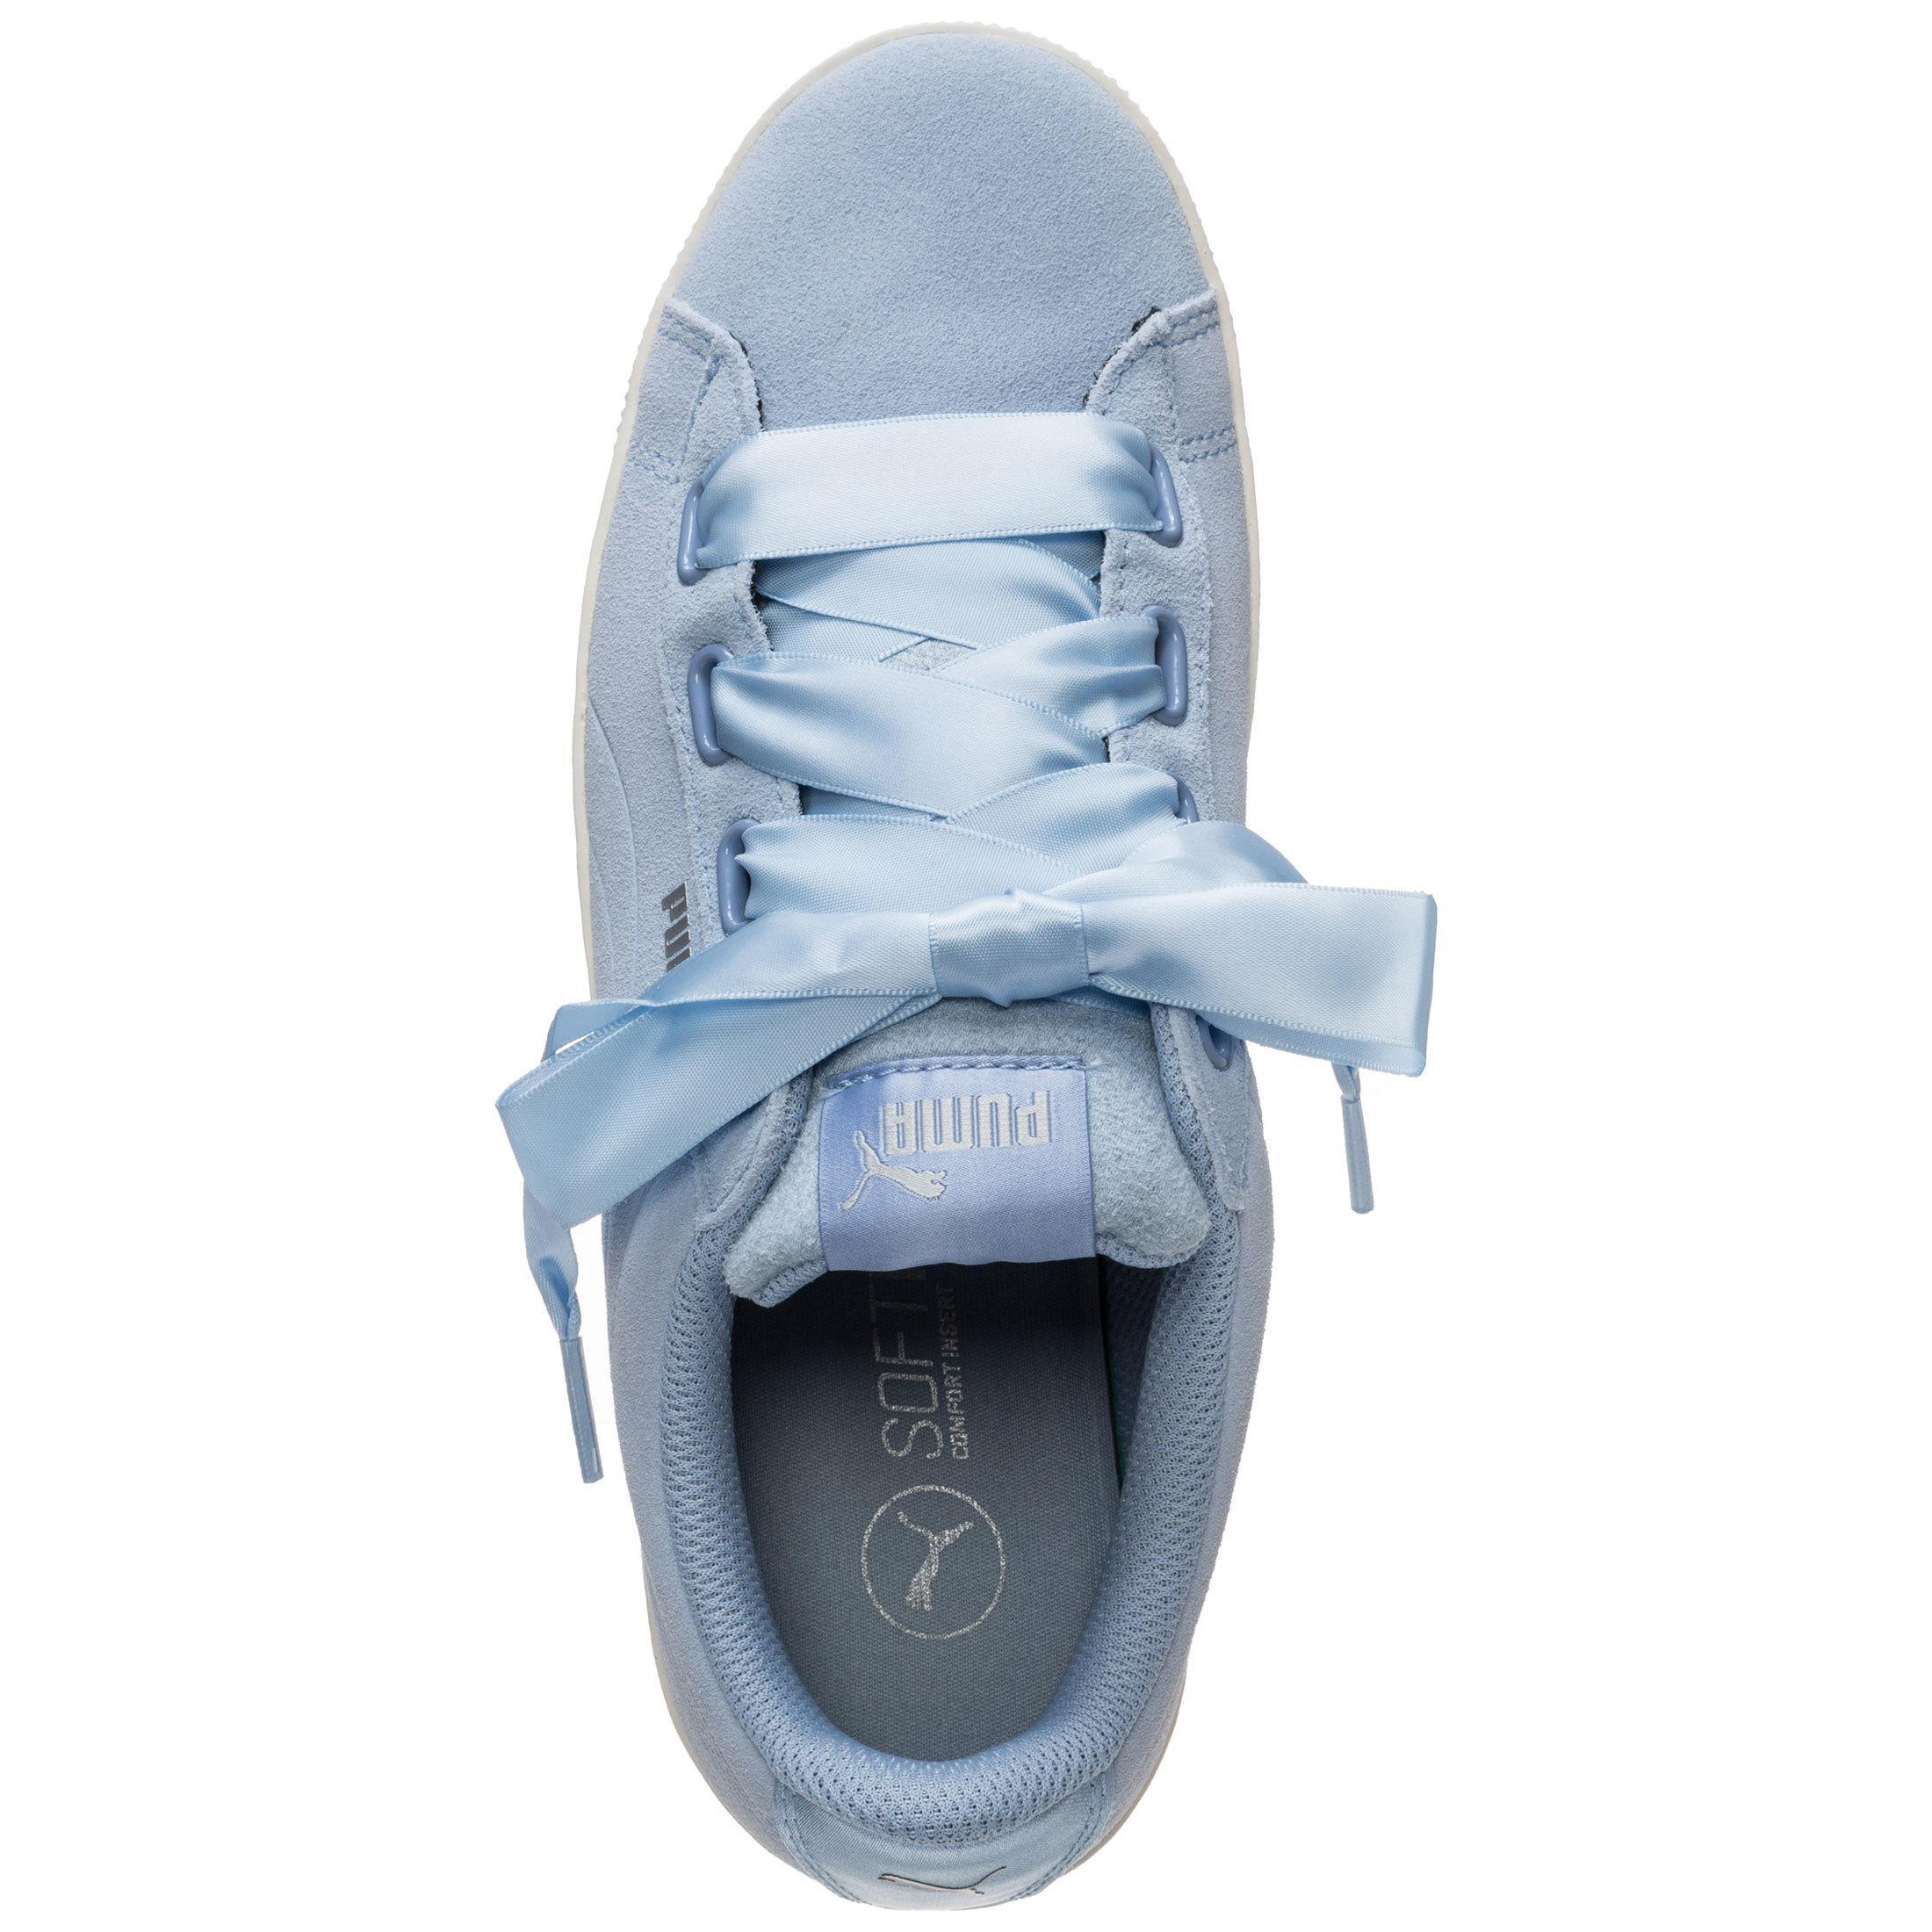 PUMA Vikky Platform Ribbon Turnschuhe Shop Damen hellblau im Online Shop Turnschuhe von SportScheck kaufen Gute Qualität beliebte Schuhe bbc33f